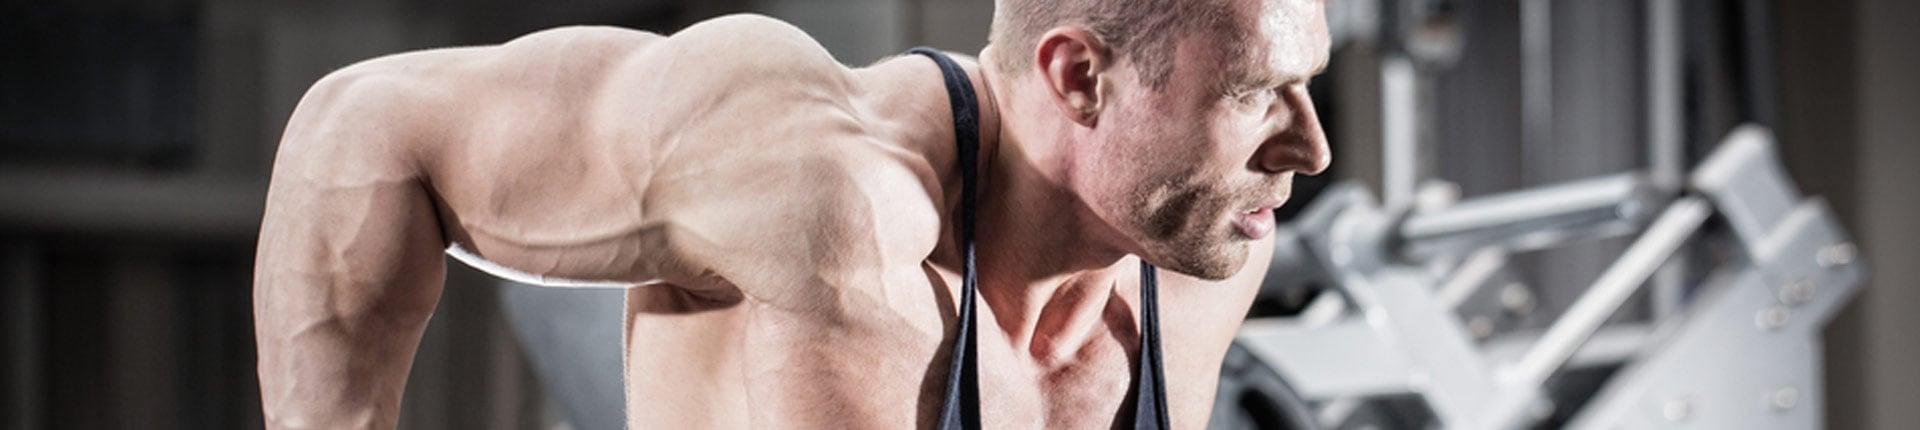 Jakie ćwiczenie zamiast pompek na poręczach?